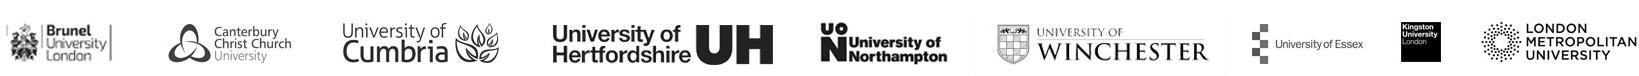 s8-uni-logos